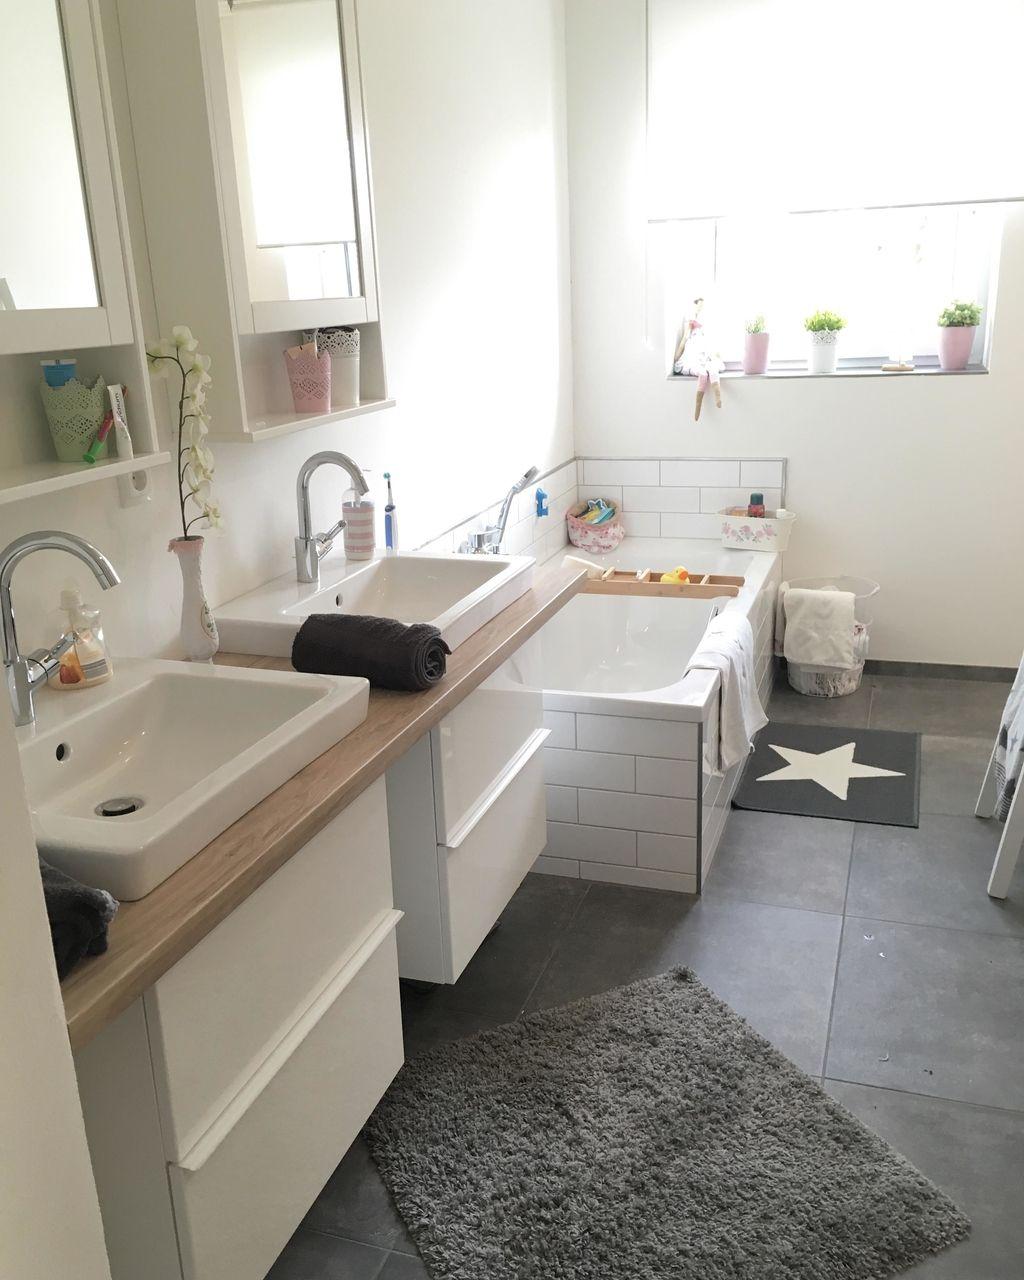 Badezimmer Einrichten Ideen Fur Jede Grosse Badezimmer Landhaus Badezimmer Badewanne Umbauen